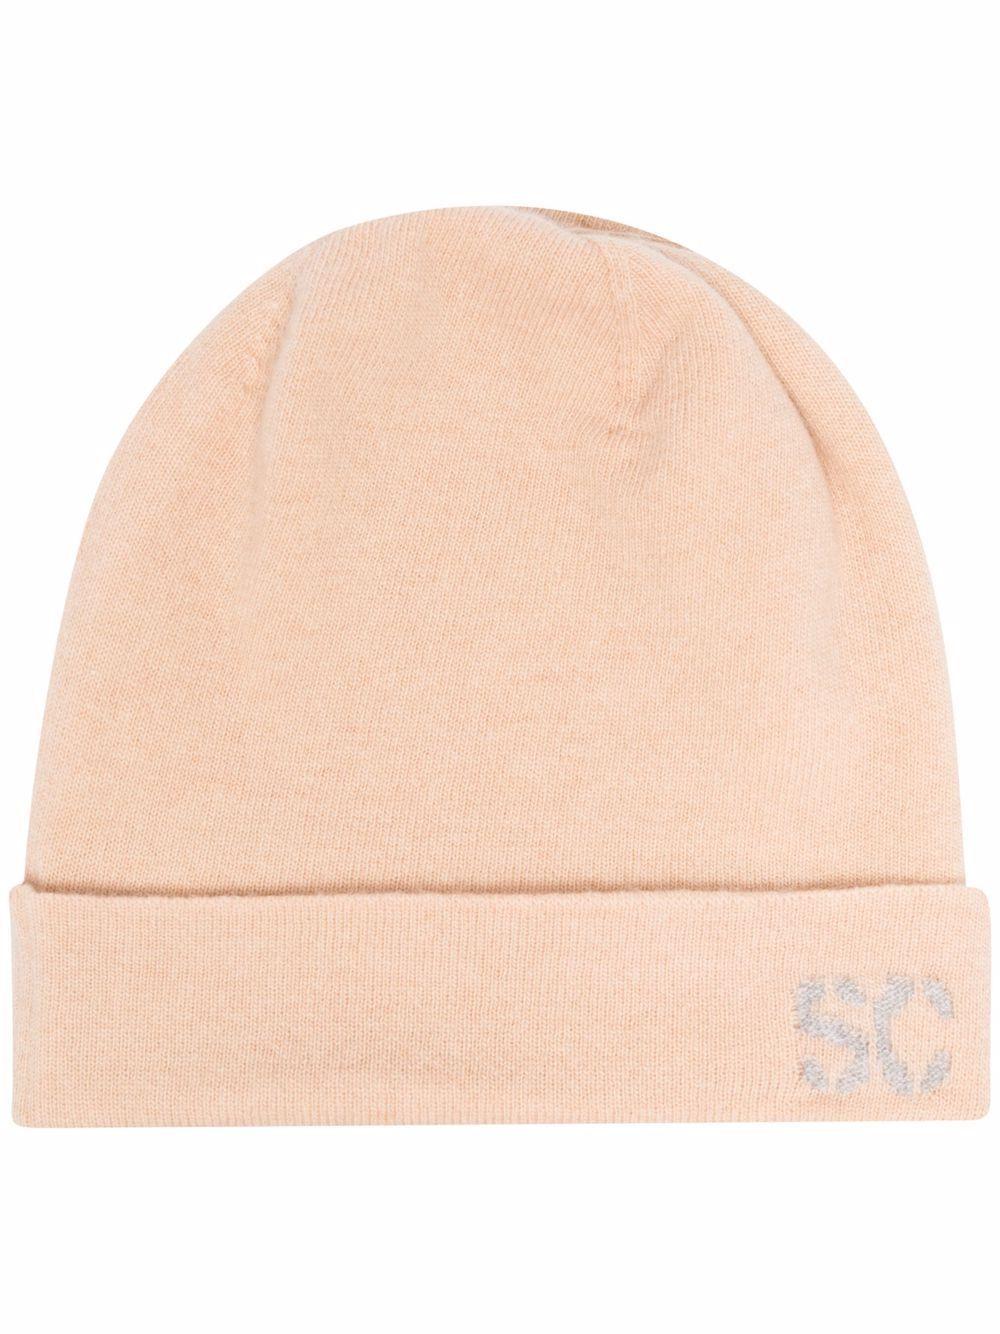 Cappello clarisse in lana